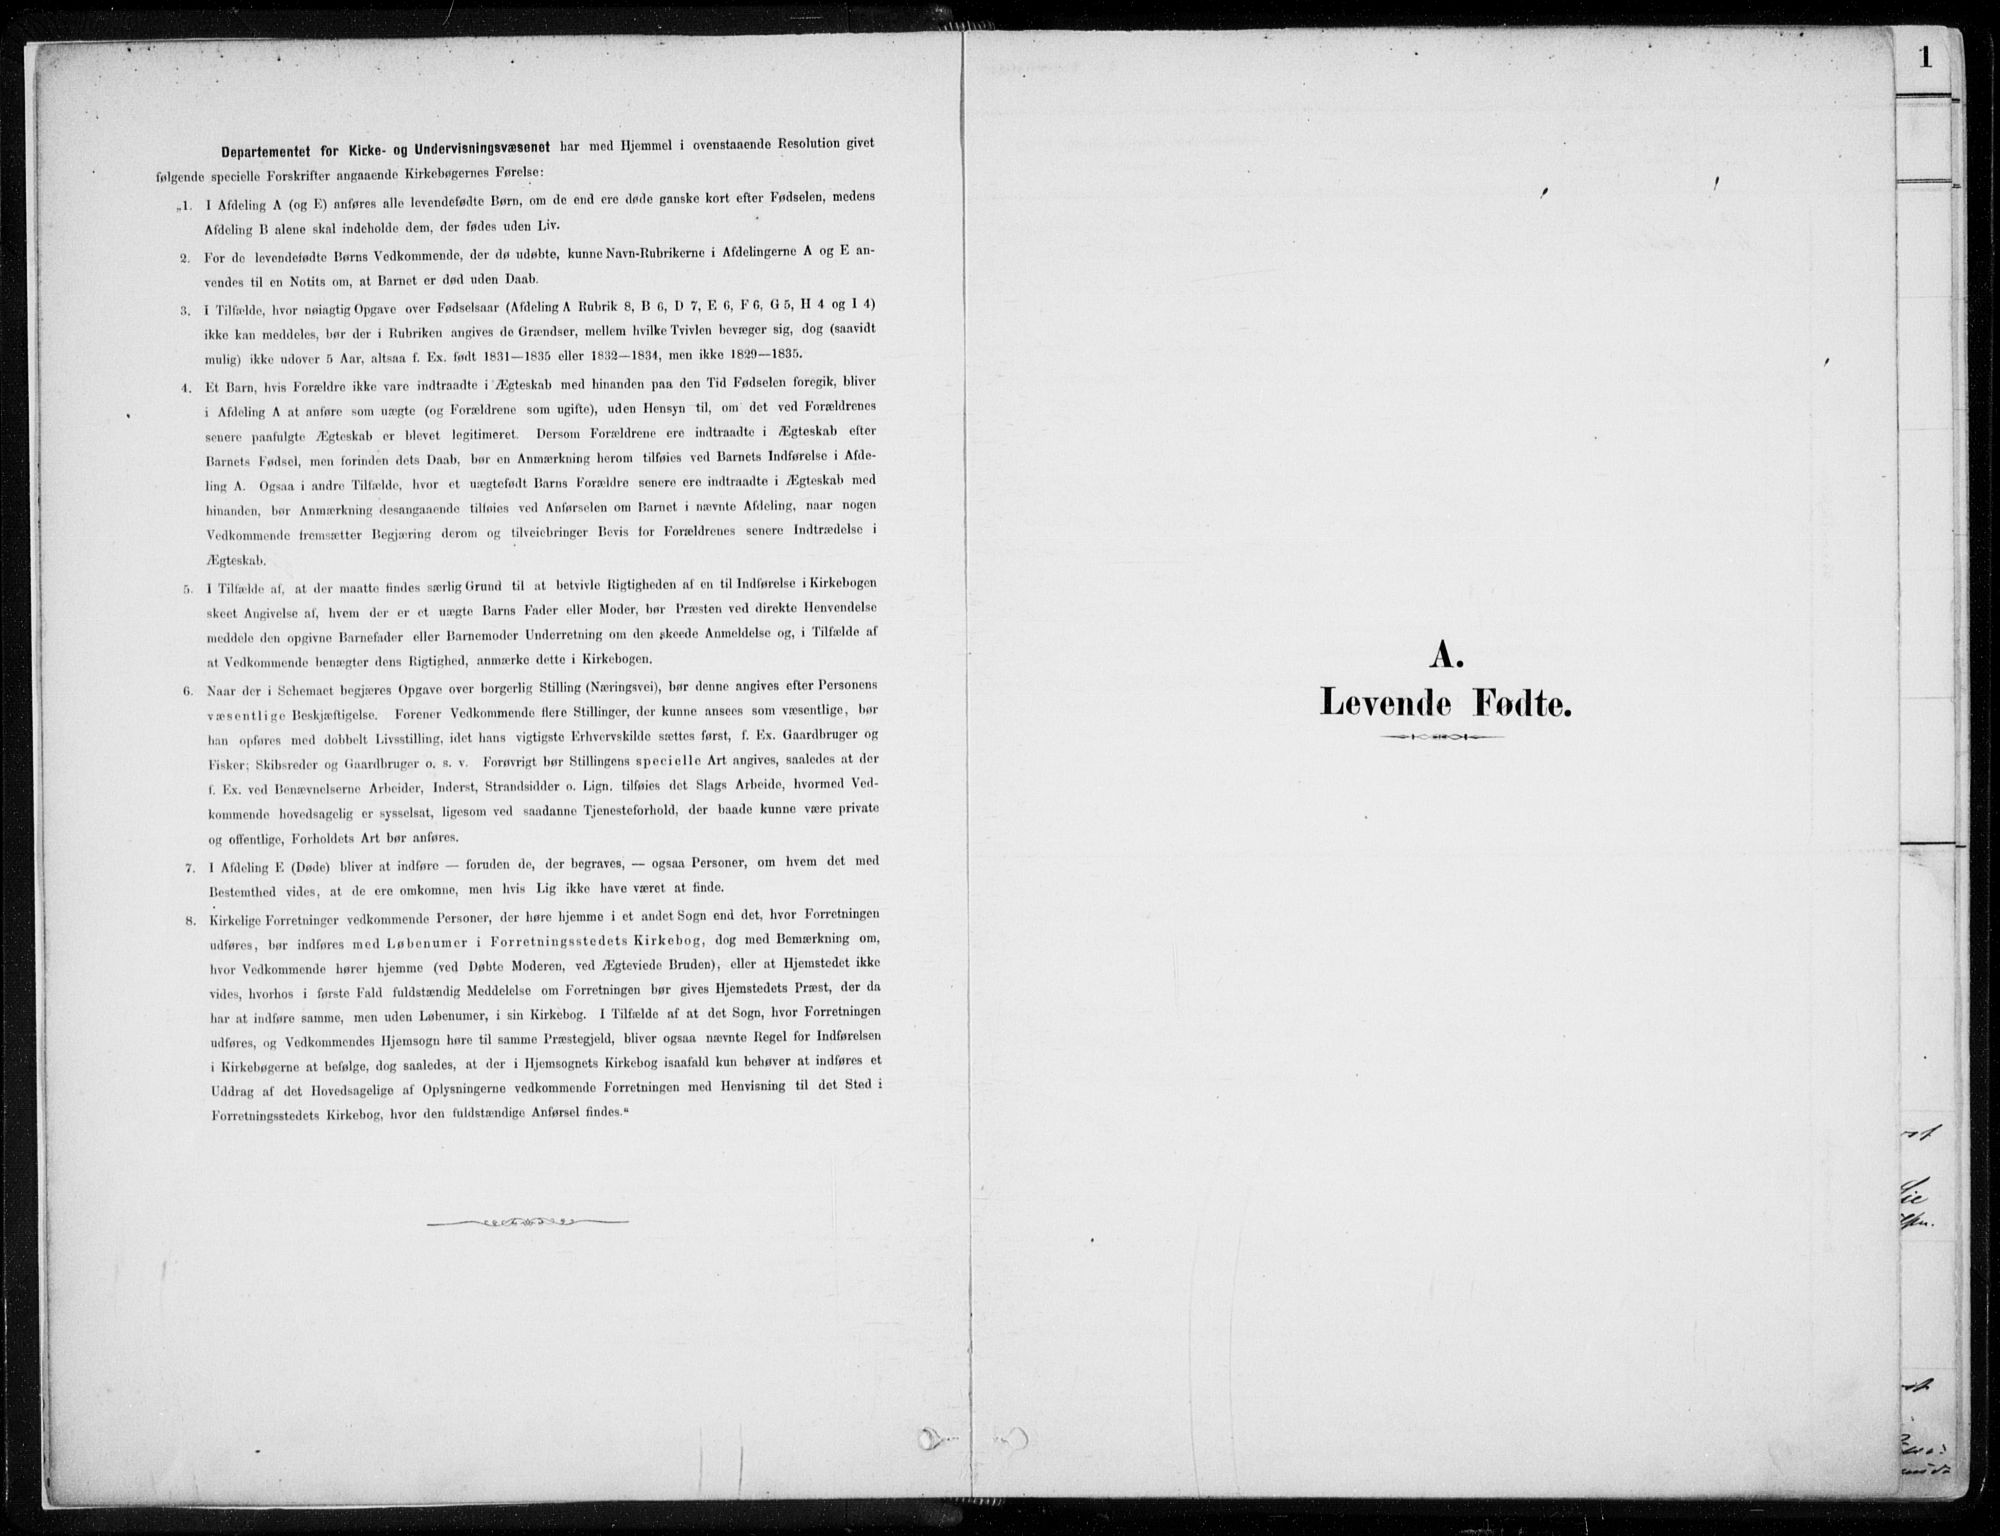 SAKO, Åssiden kirkebøker, F/Fa/L0001: Ministerialbok nr. 1, 1878-1904